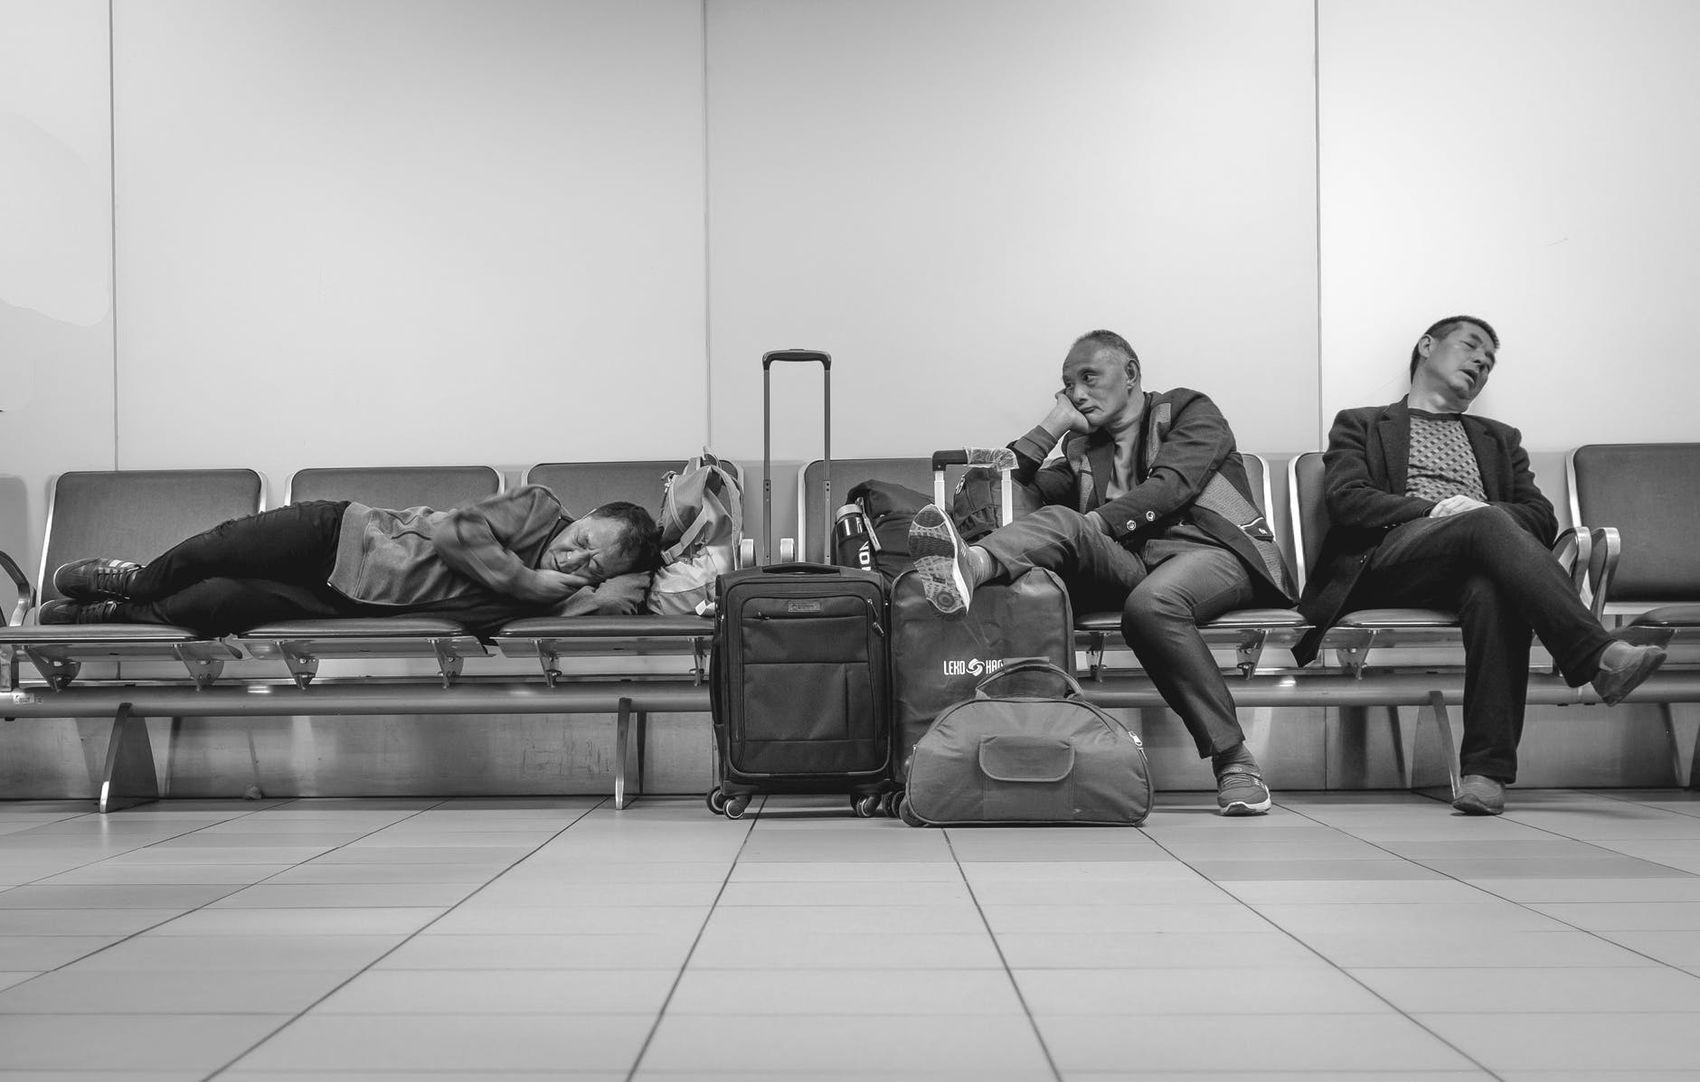 Schlafrekord: Drei Männer wartend und schlafend